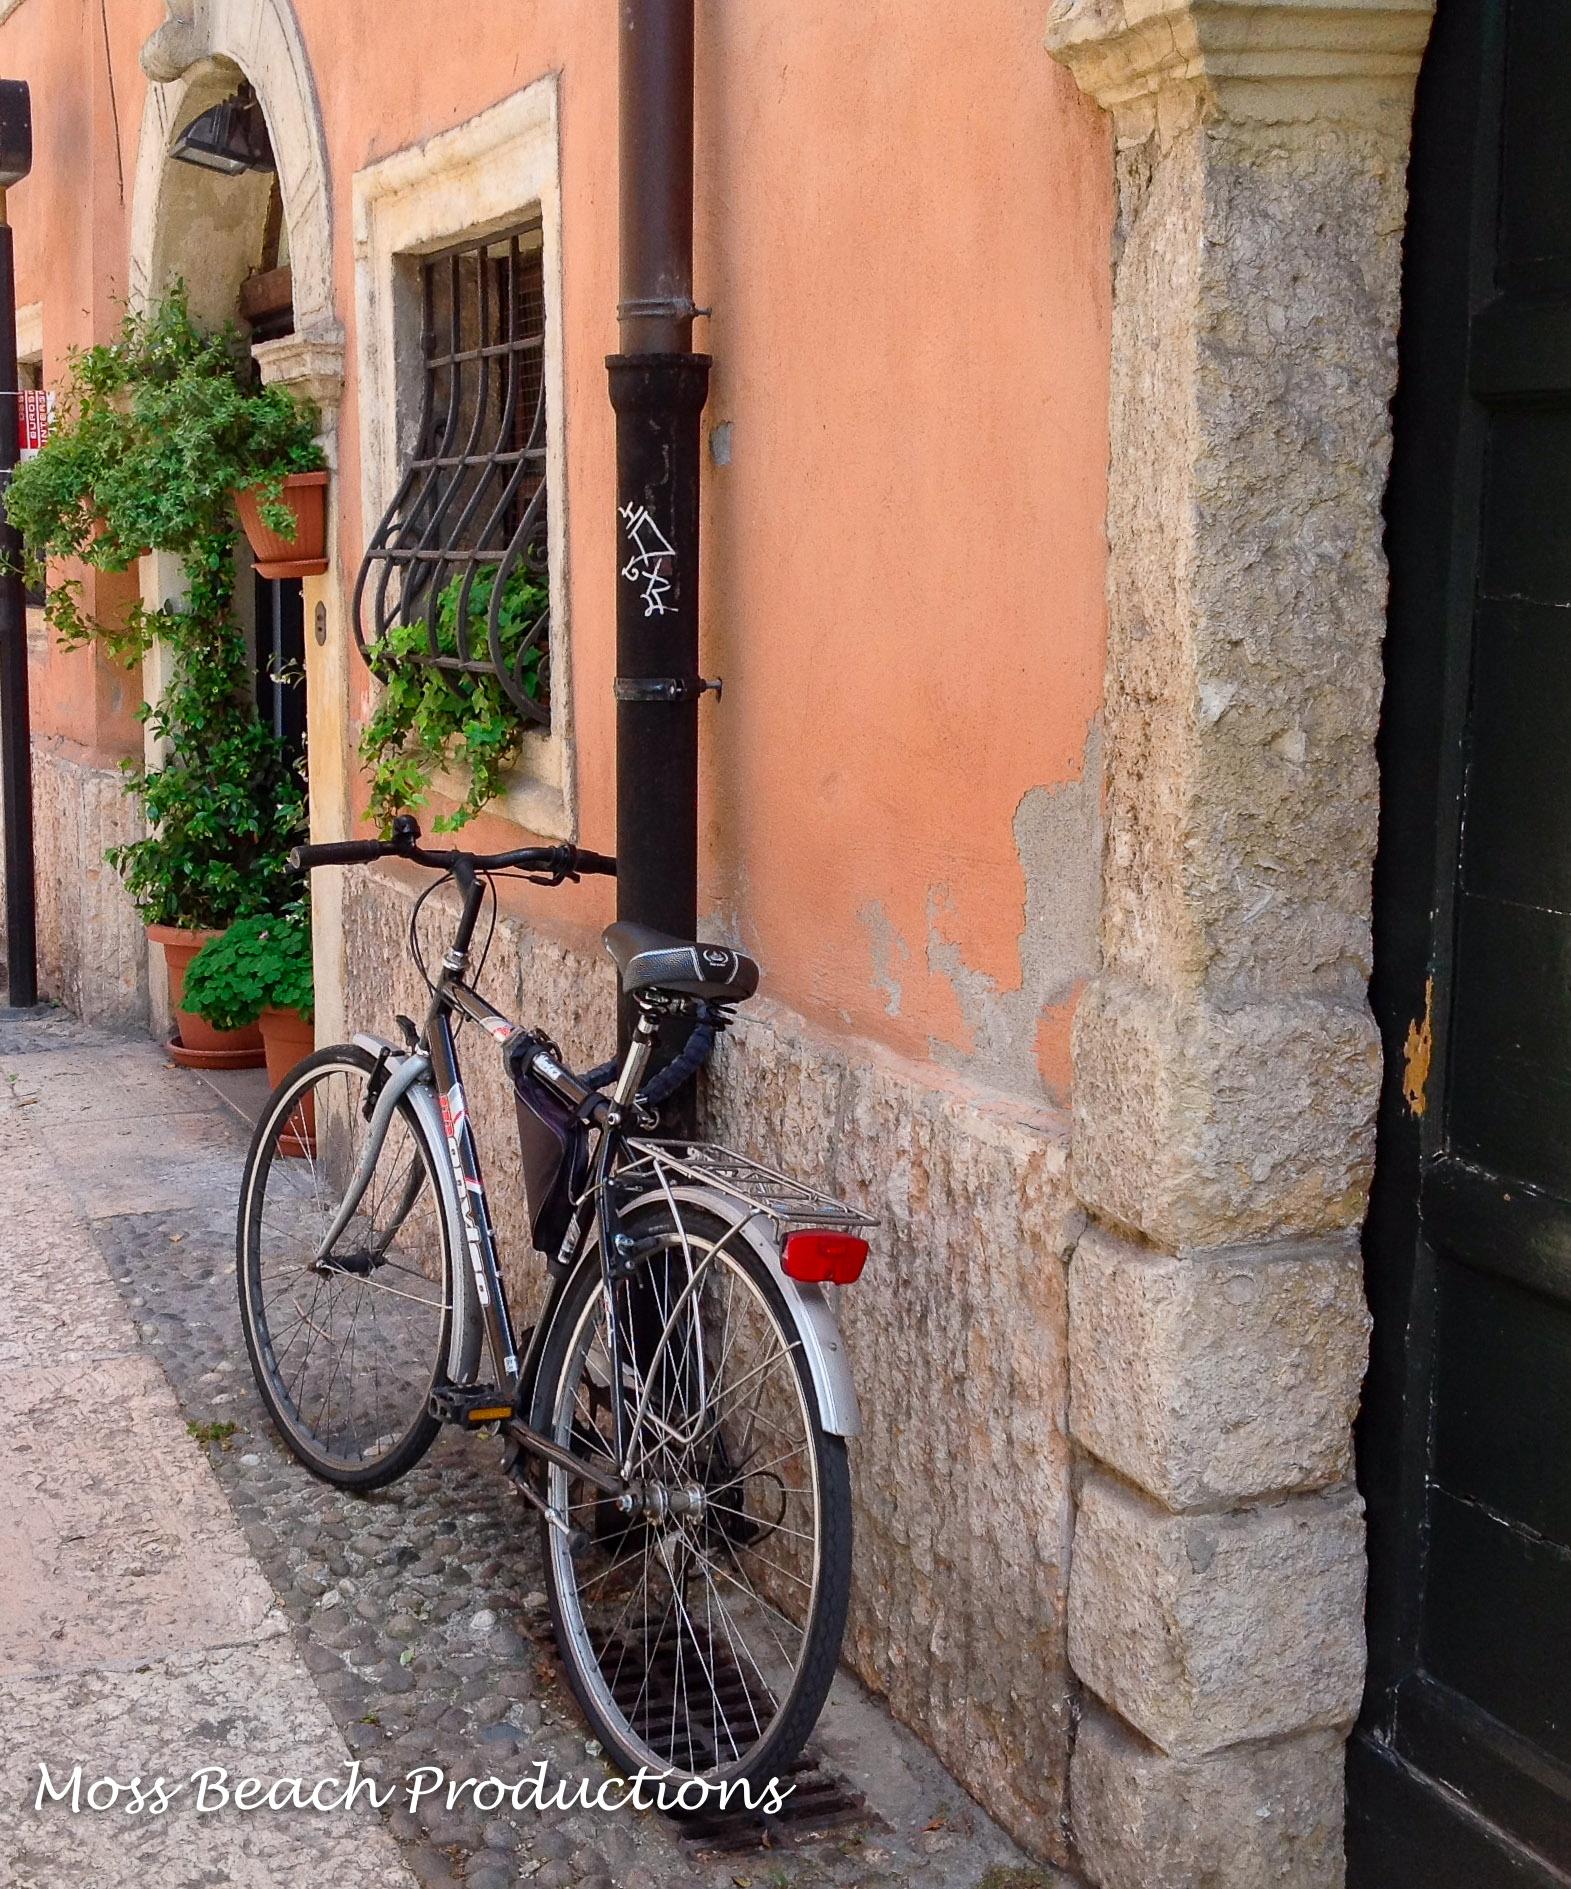 A bike ride through town